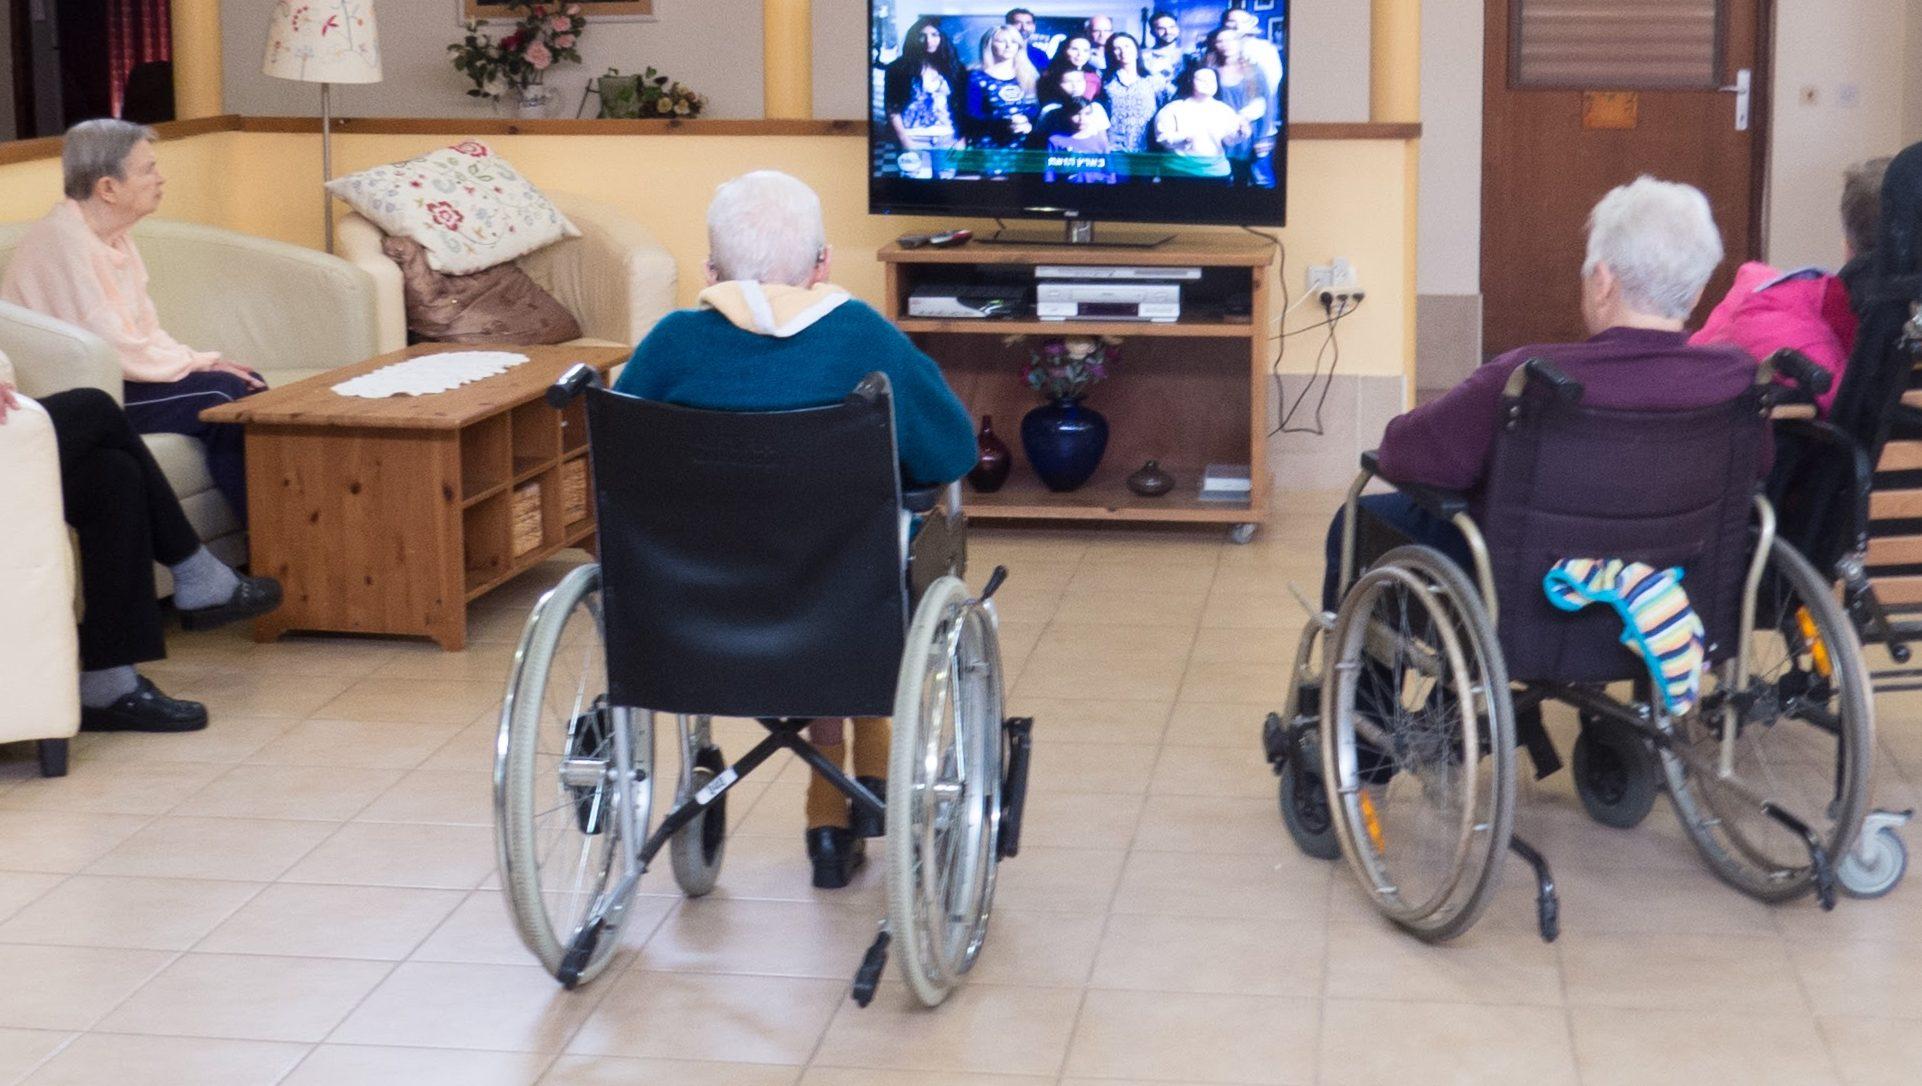 מבטחים מקפיאים עריכת ביטוח חדש לבתי אבות ומוסדות טיפוליים